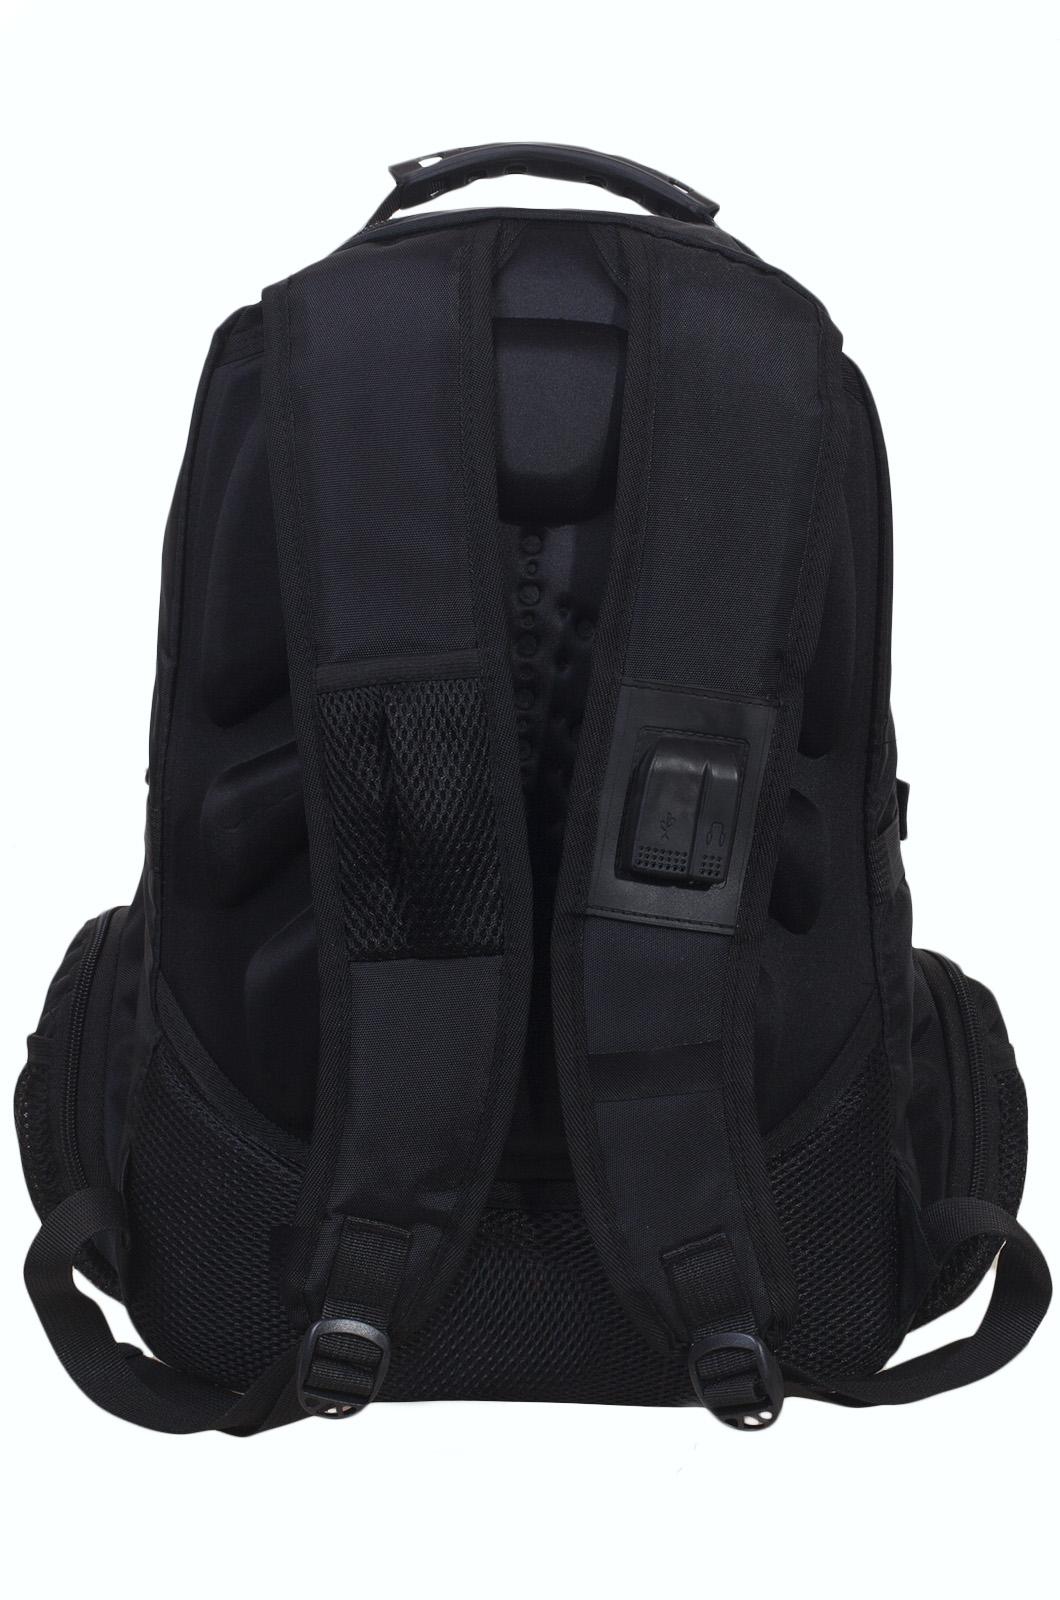 Черный мужской рюкзак с нашивкой ФССП купить онлайн